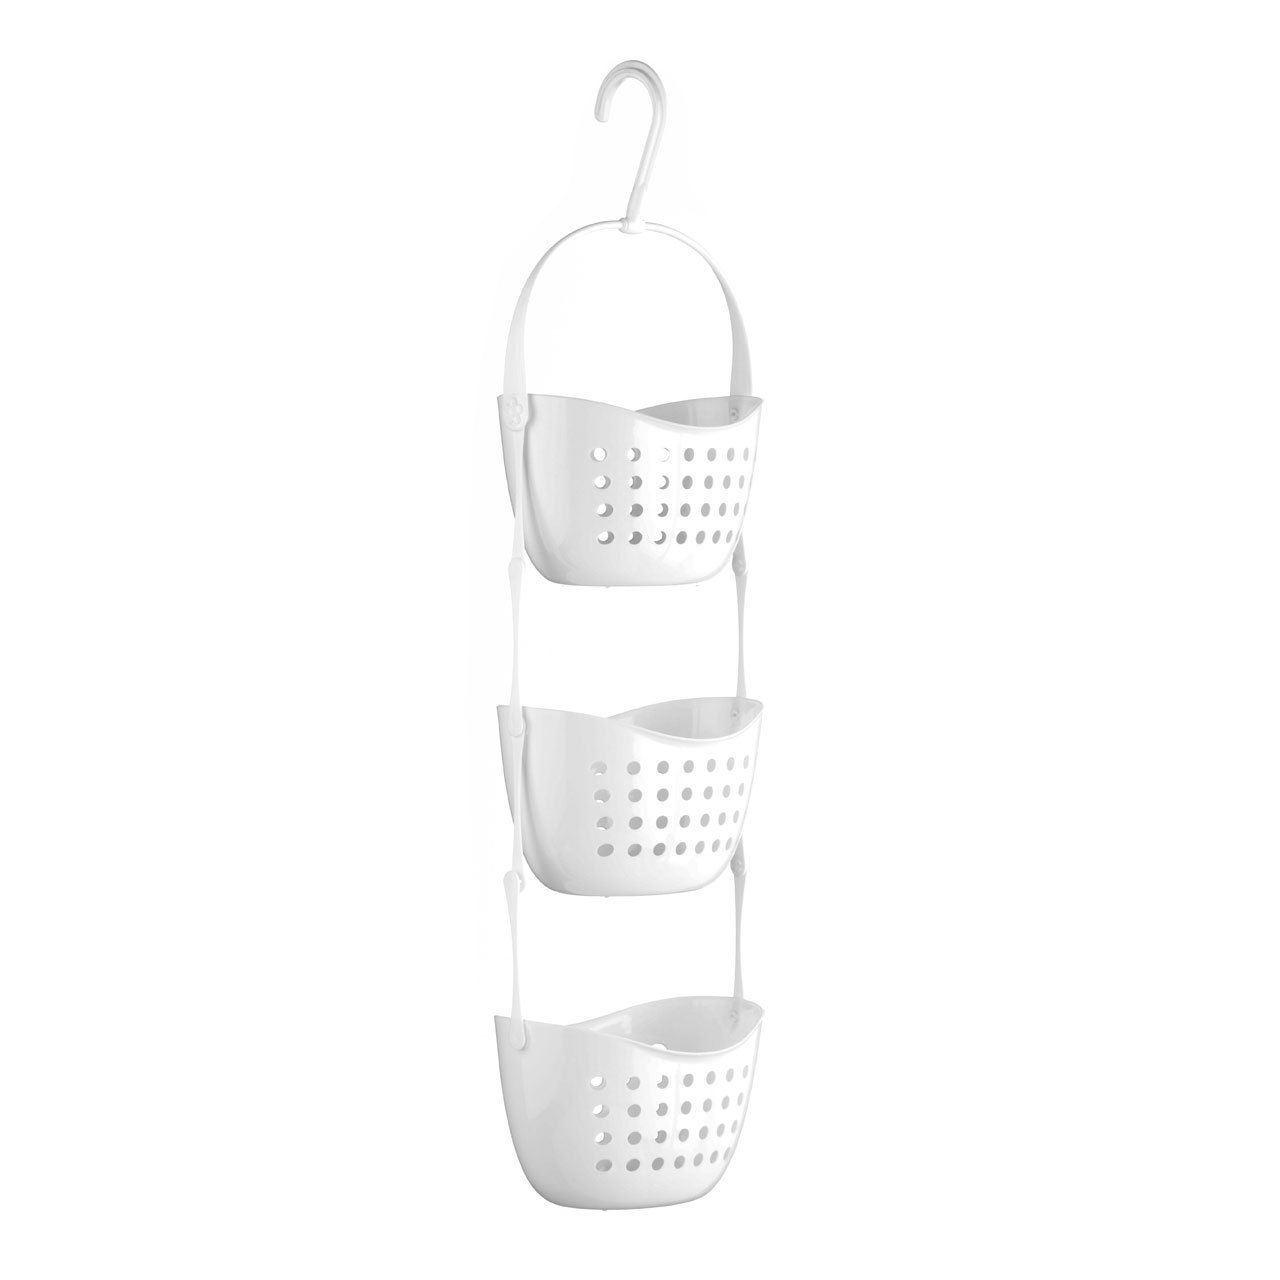 2 tier shower bathroom plastic caddy rack hanging basket. Black Bedroom Furniture Sets. Home Design Ideas